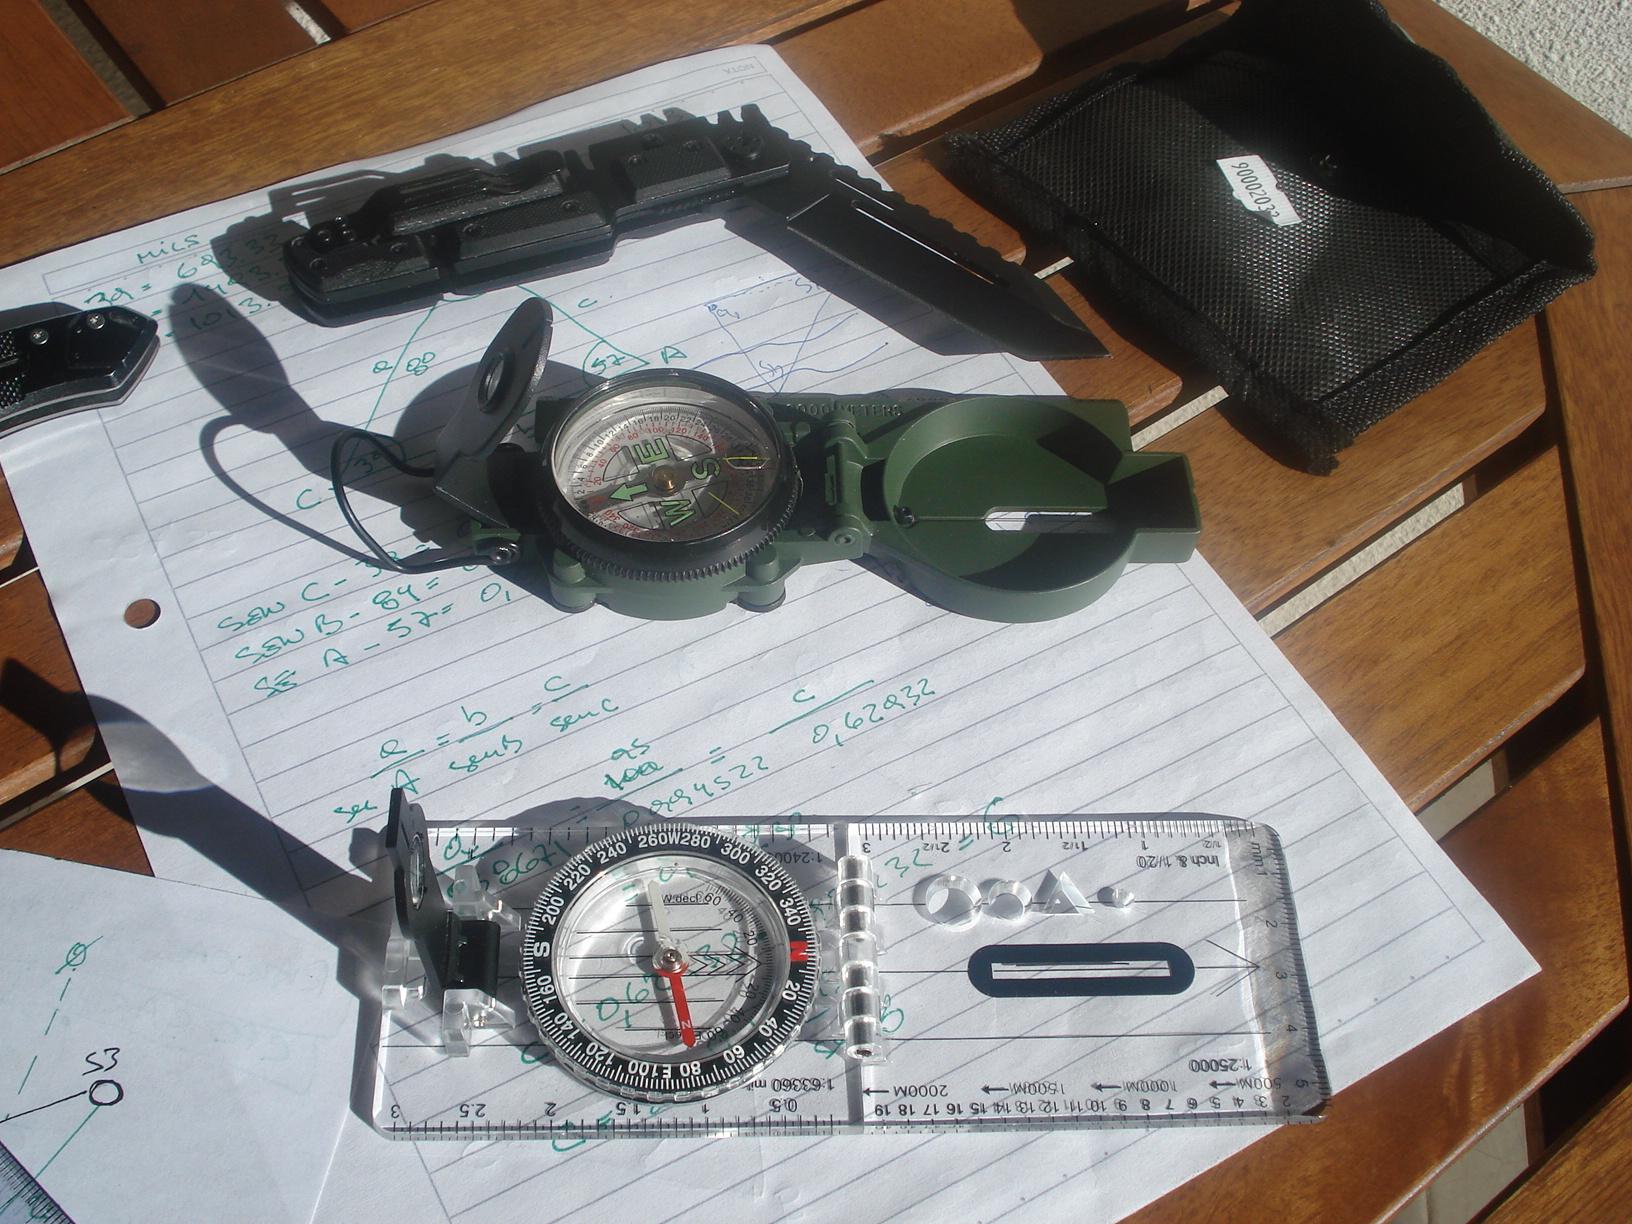 Un pequeño kit de brújulas, protractors (compases) y reglas de escala... y algo más. DSC00447